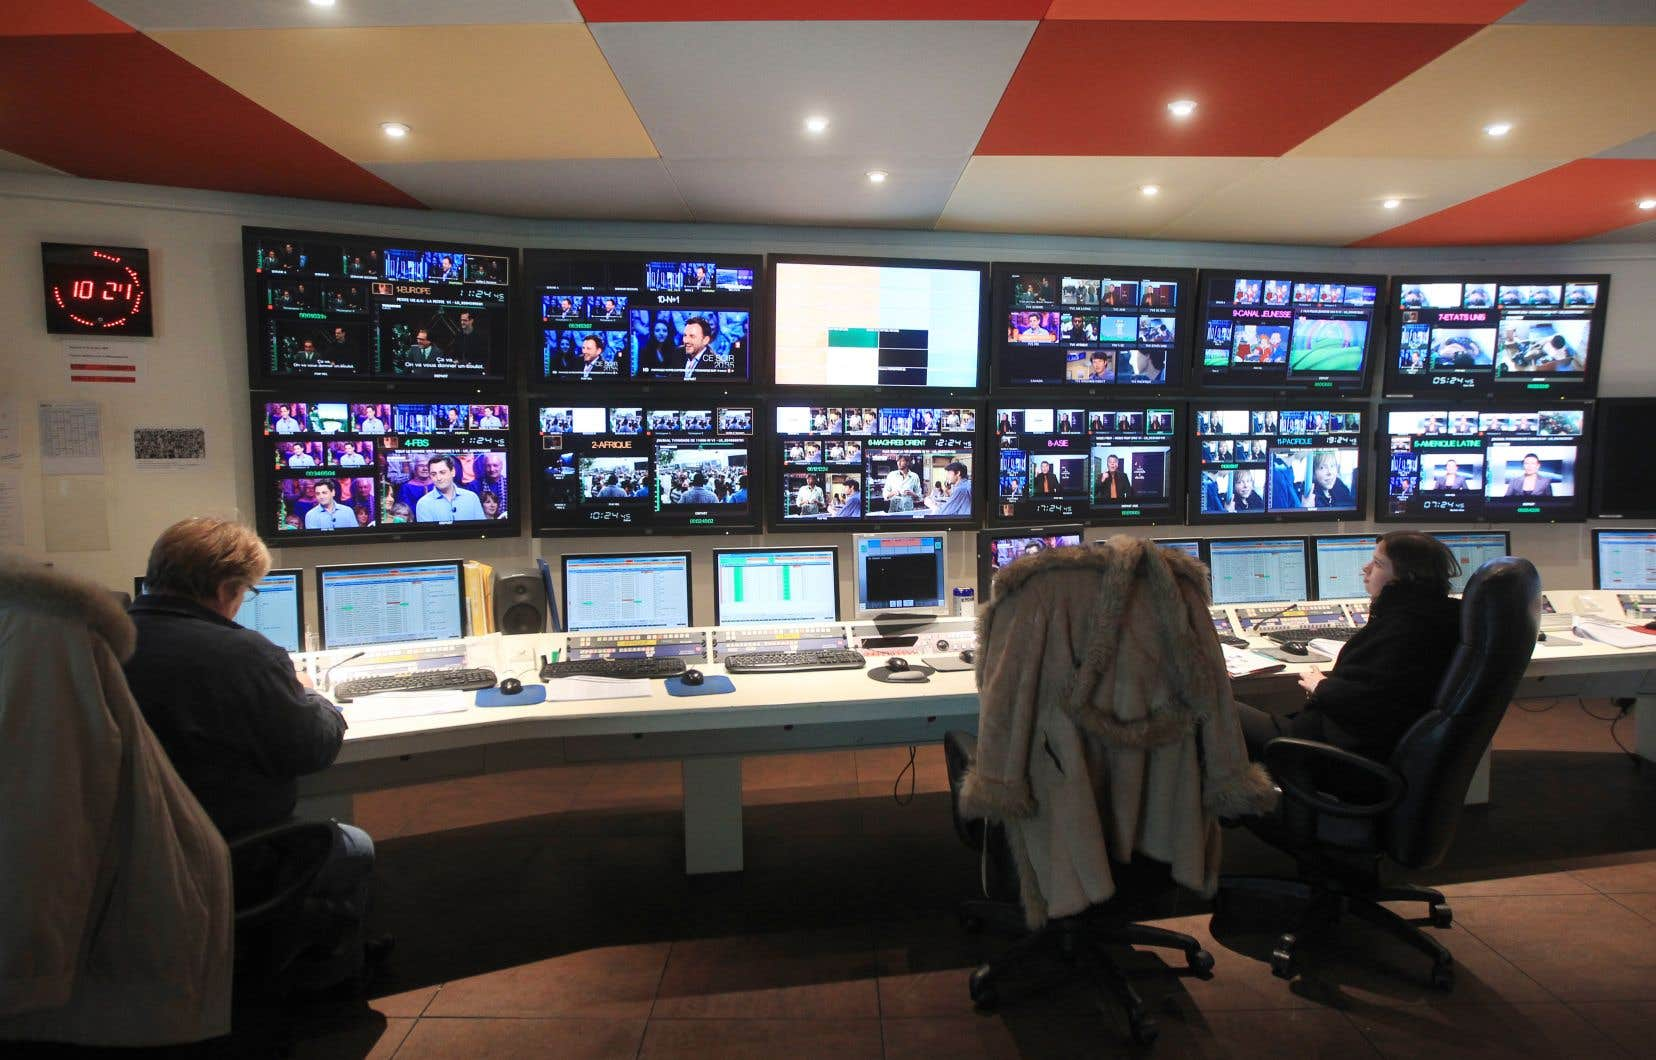 «La programmation produite au Canada représente environ 15% de la chaîne et permet d'apporter un regard canadien sur le monde», rappellent les auteures.